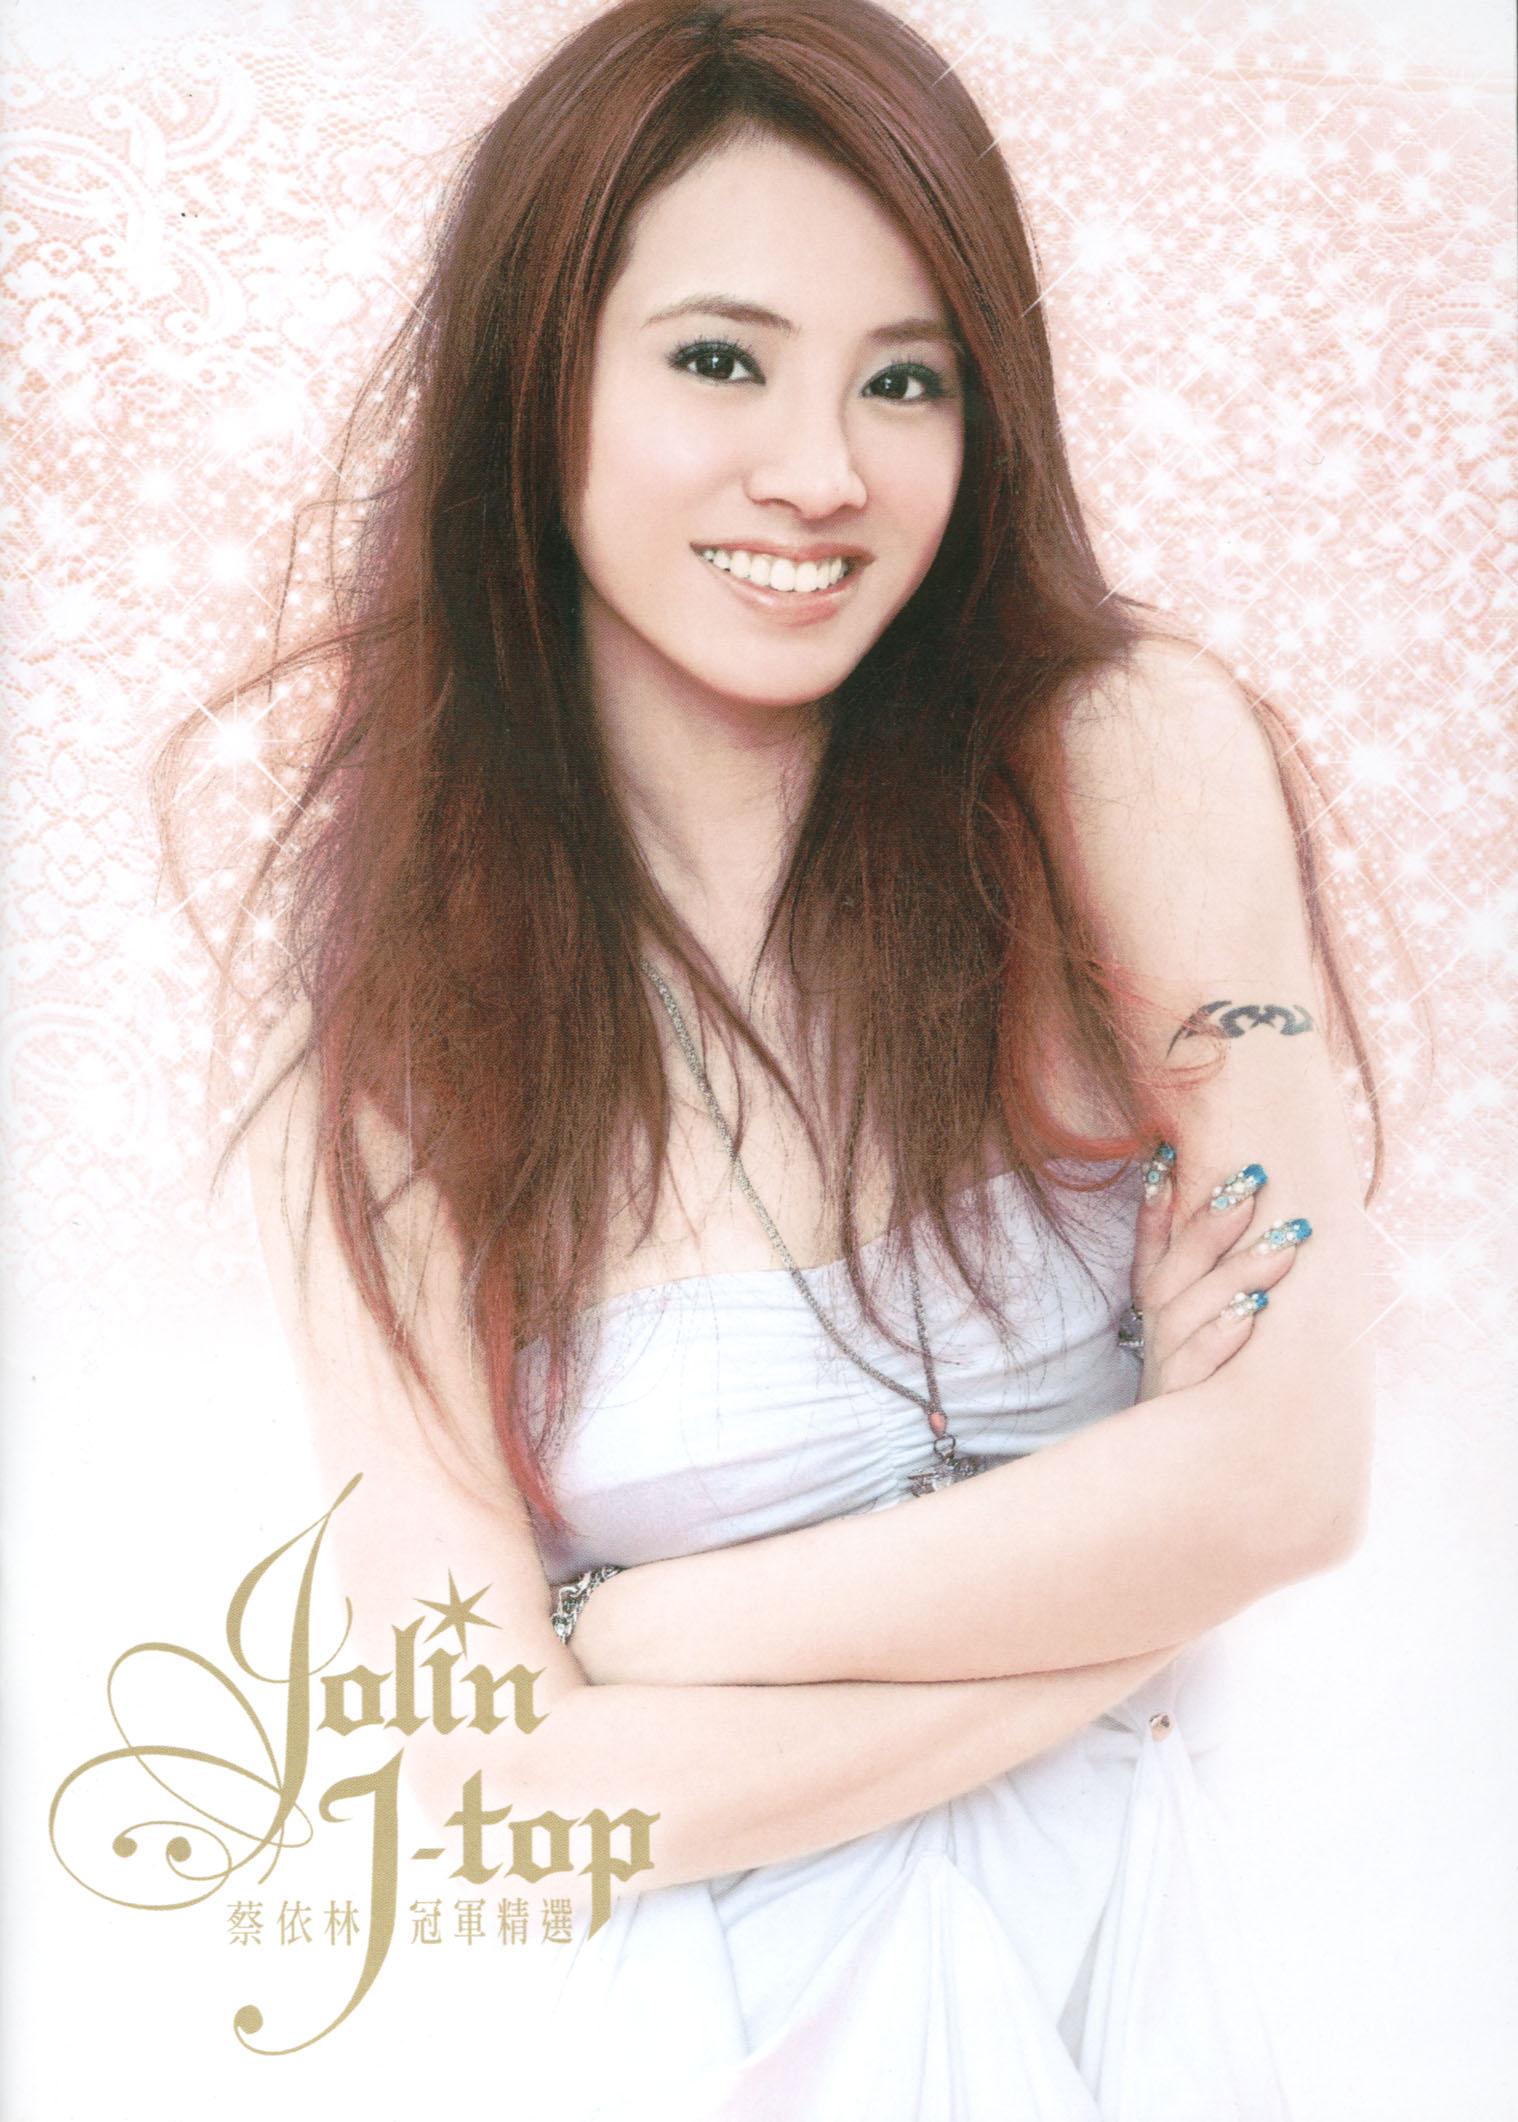 蔡依林的人体艺术照_《蔡依林jolin j-top冠军精选》将在内地发行